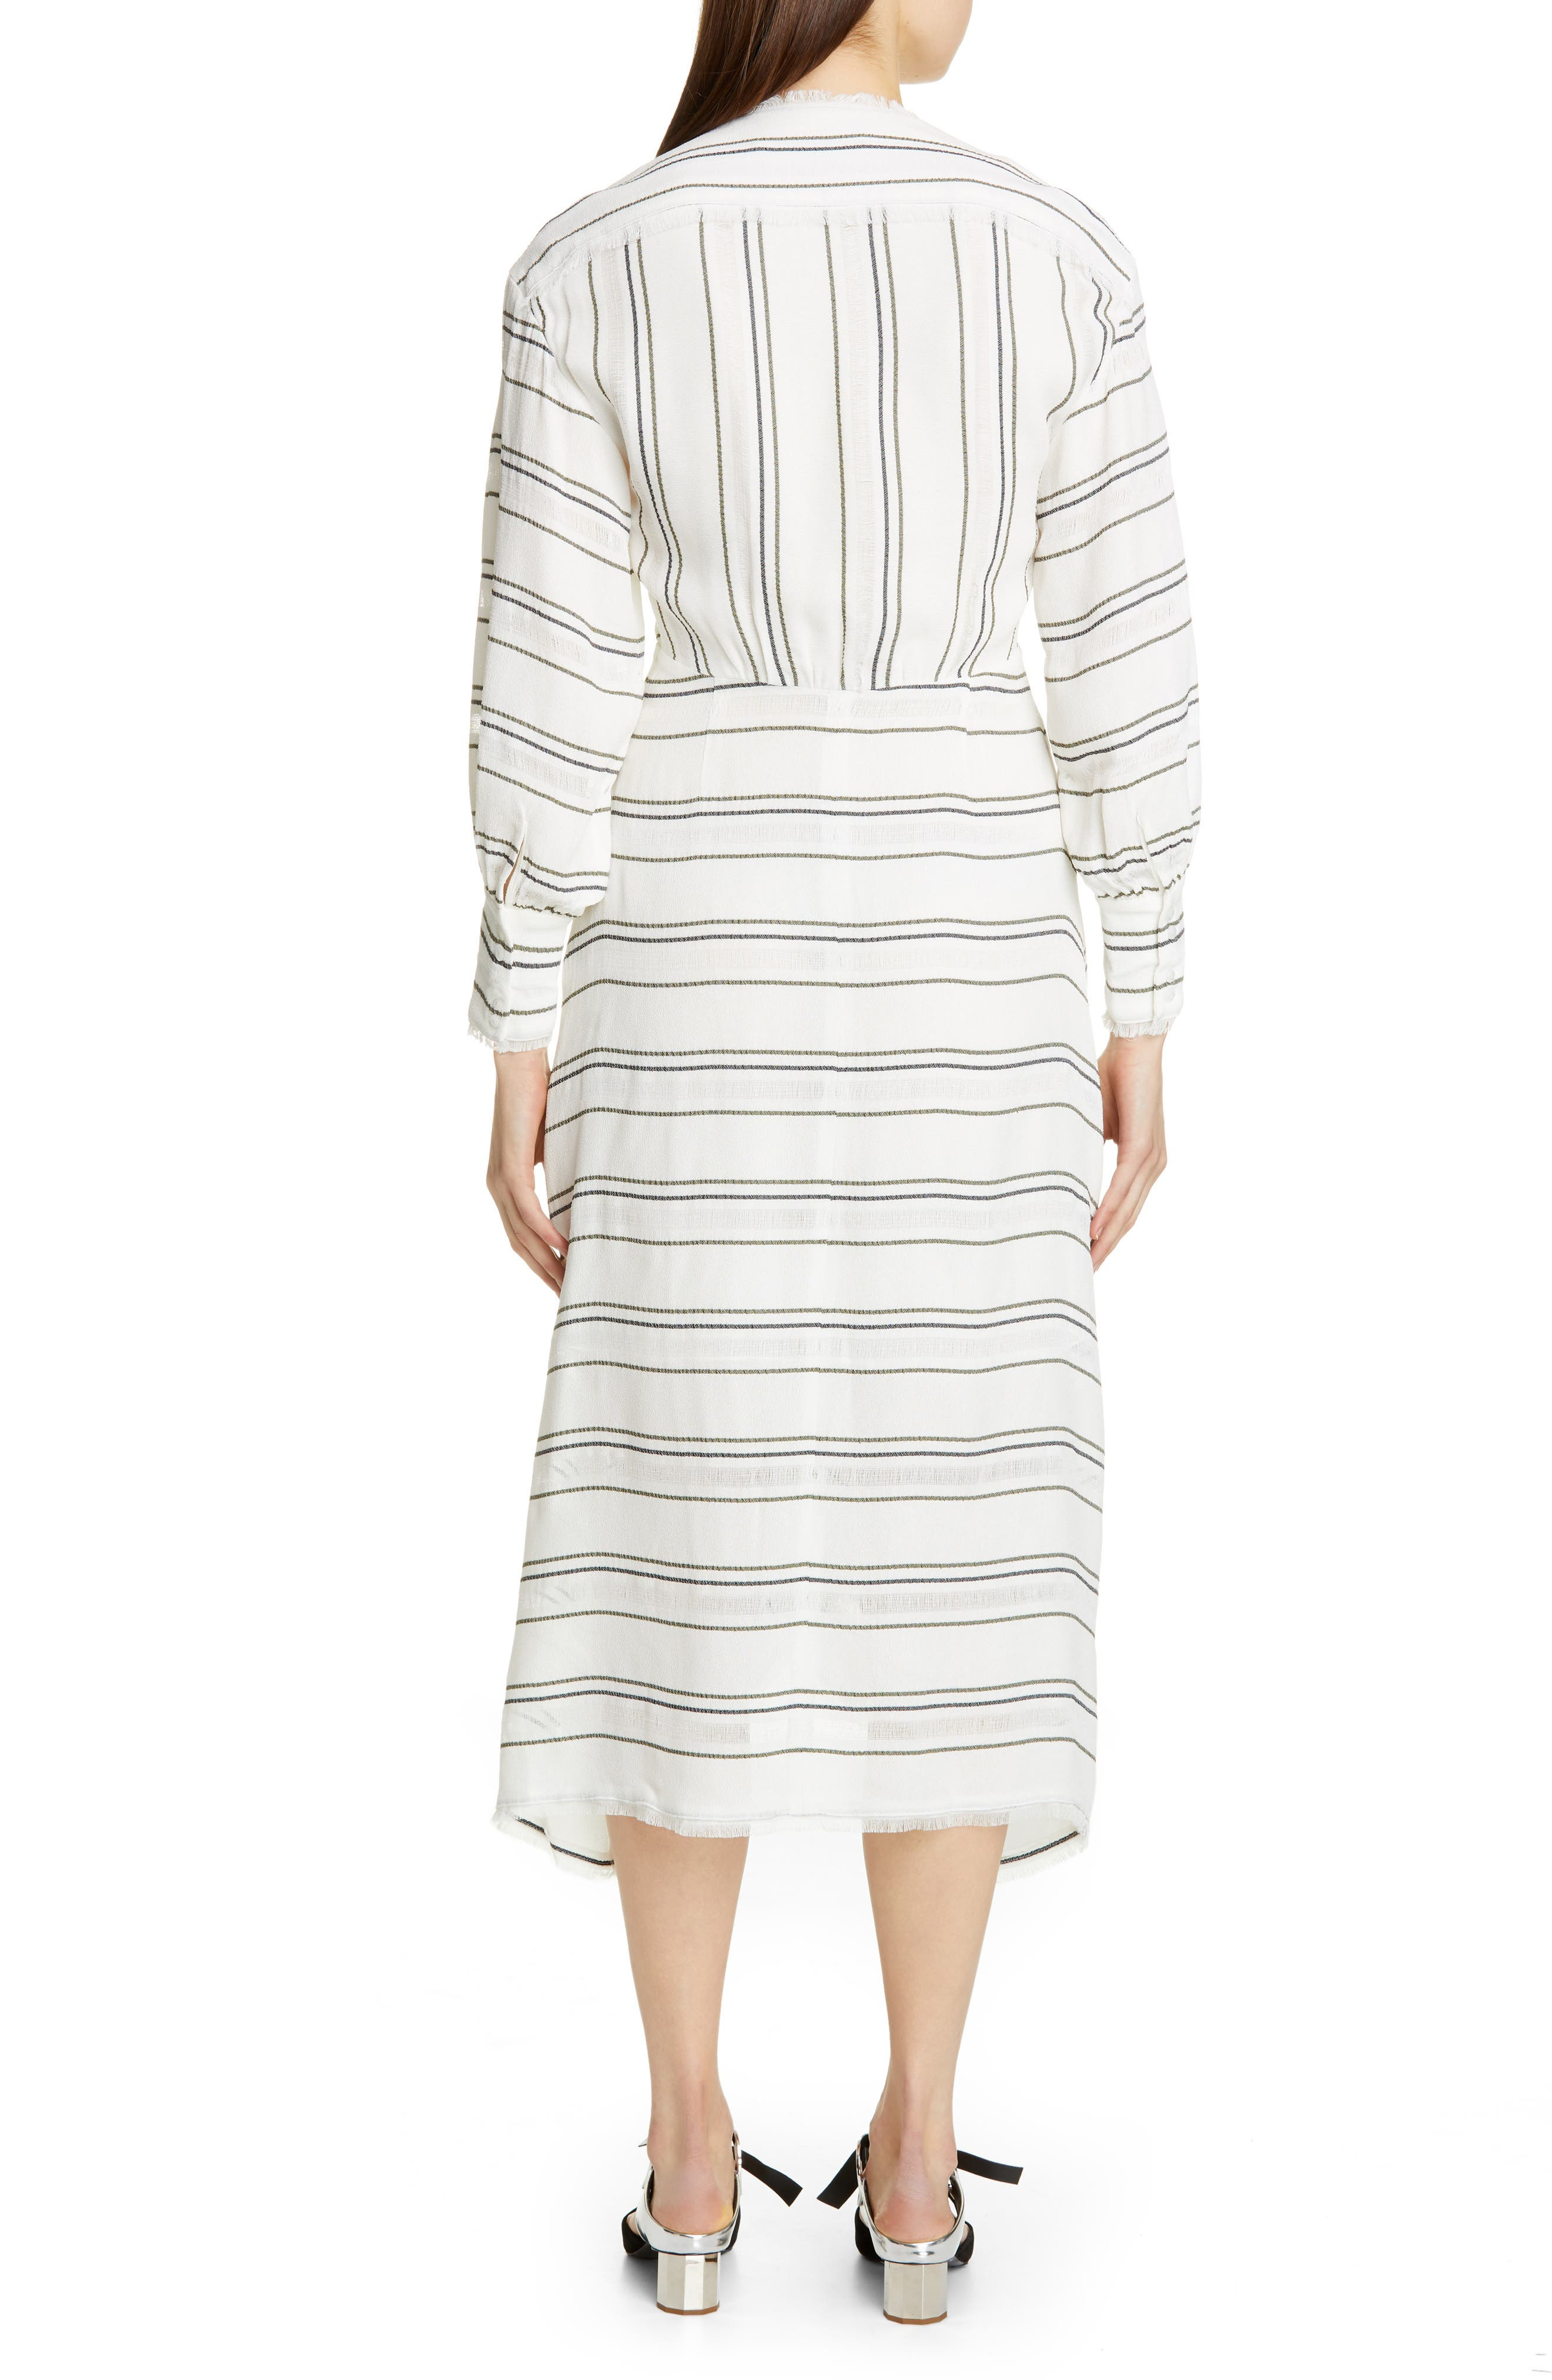 PROENZA SCHOULER, Tie Front Stripe Crepe Dress, Alternate thumbnail 2, color, WHITE